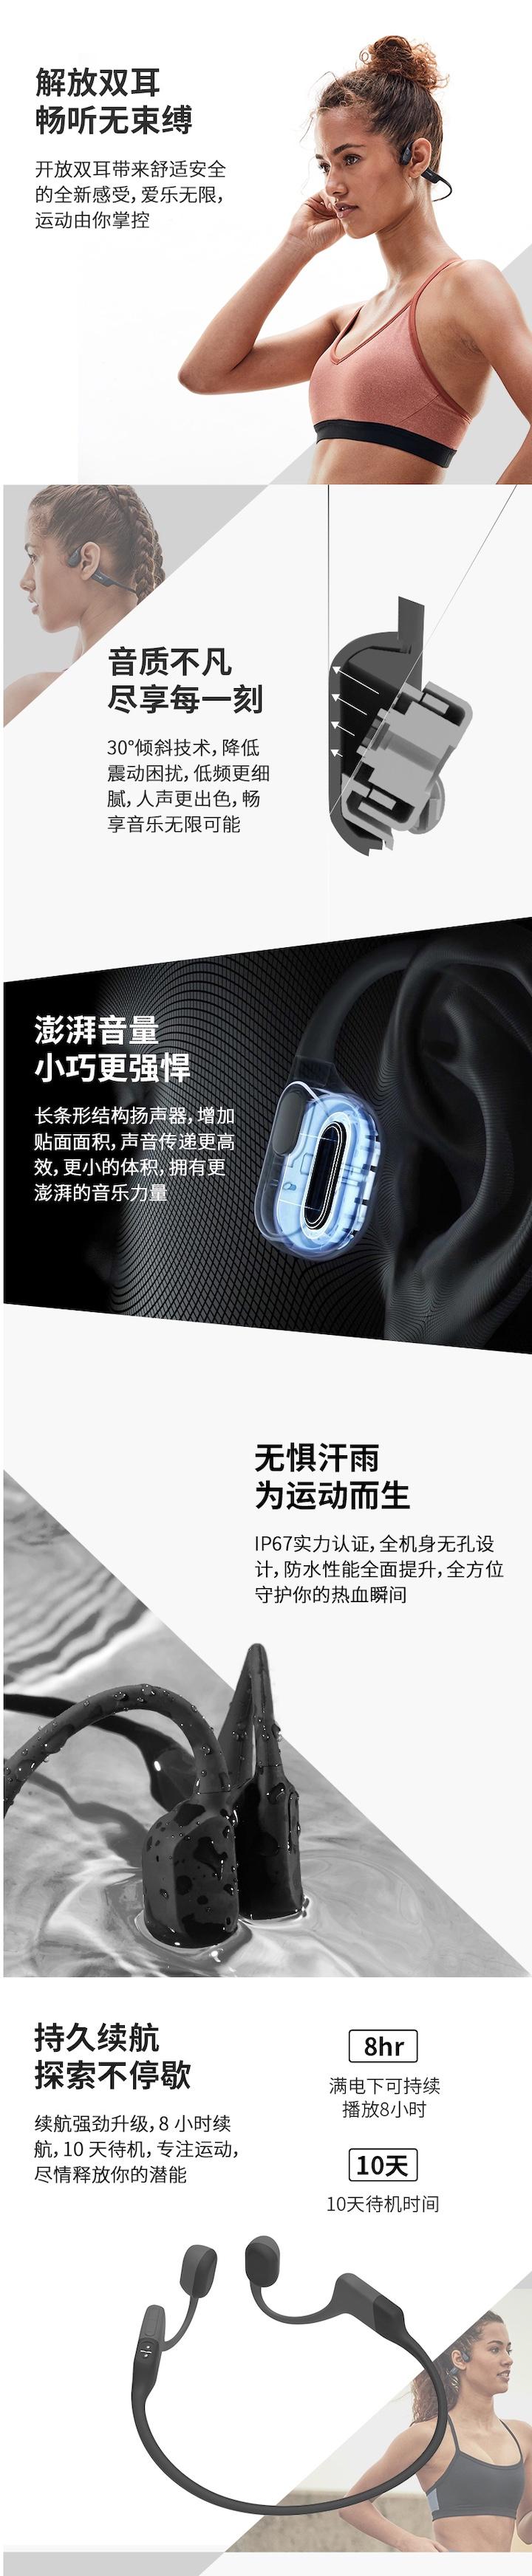 韶音Aeropex骨传导蓝牙耳机免费试用,评测